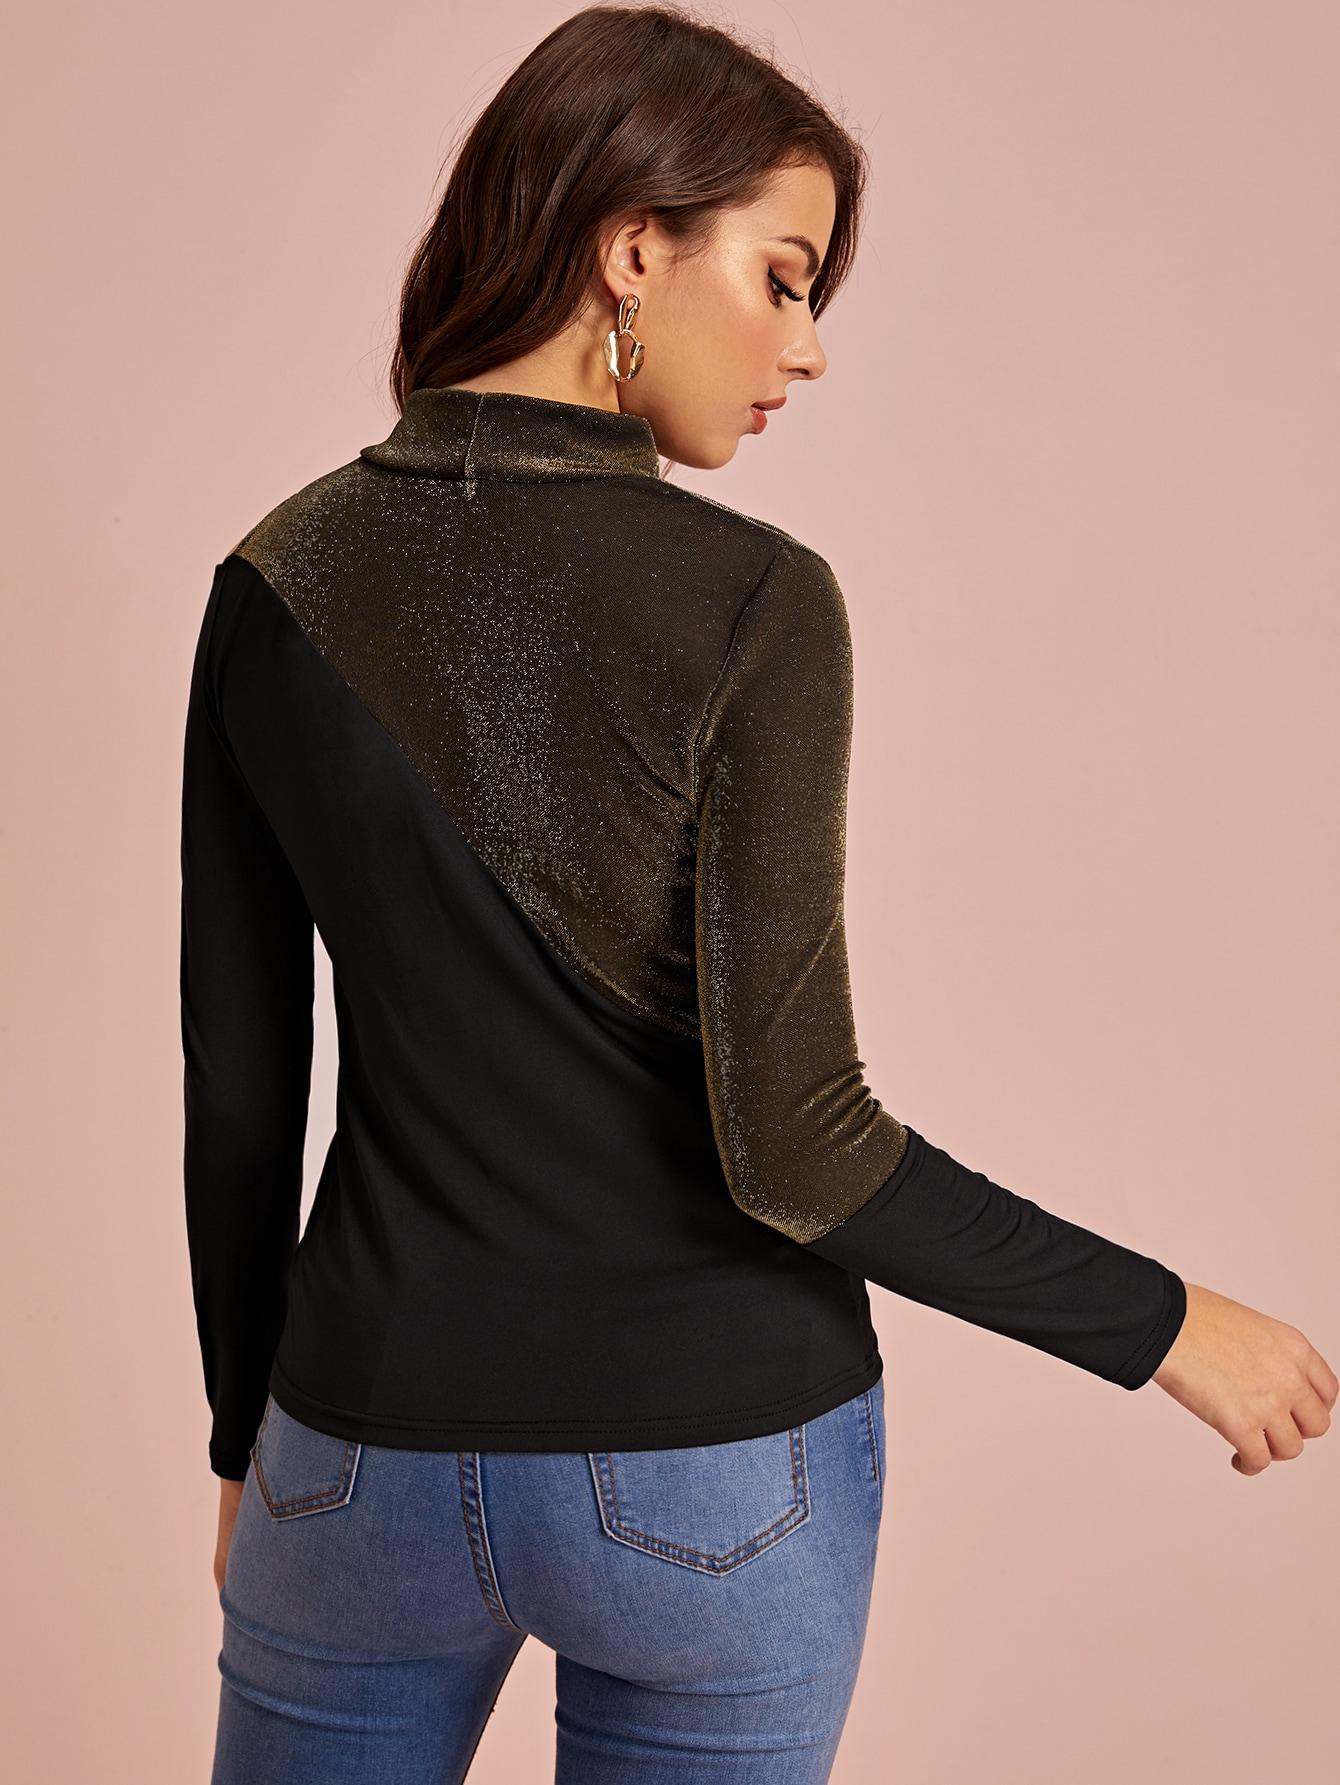 SHEIN / Camiseta de hombros descubiertos de cuello alzado brillante en contraste